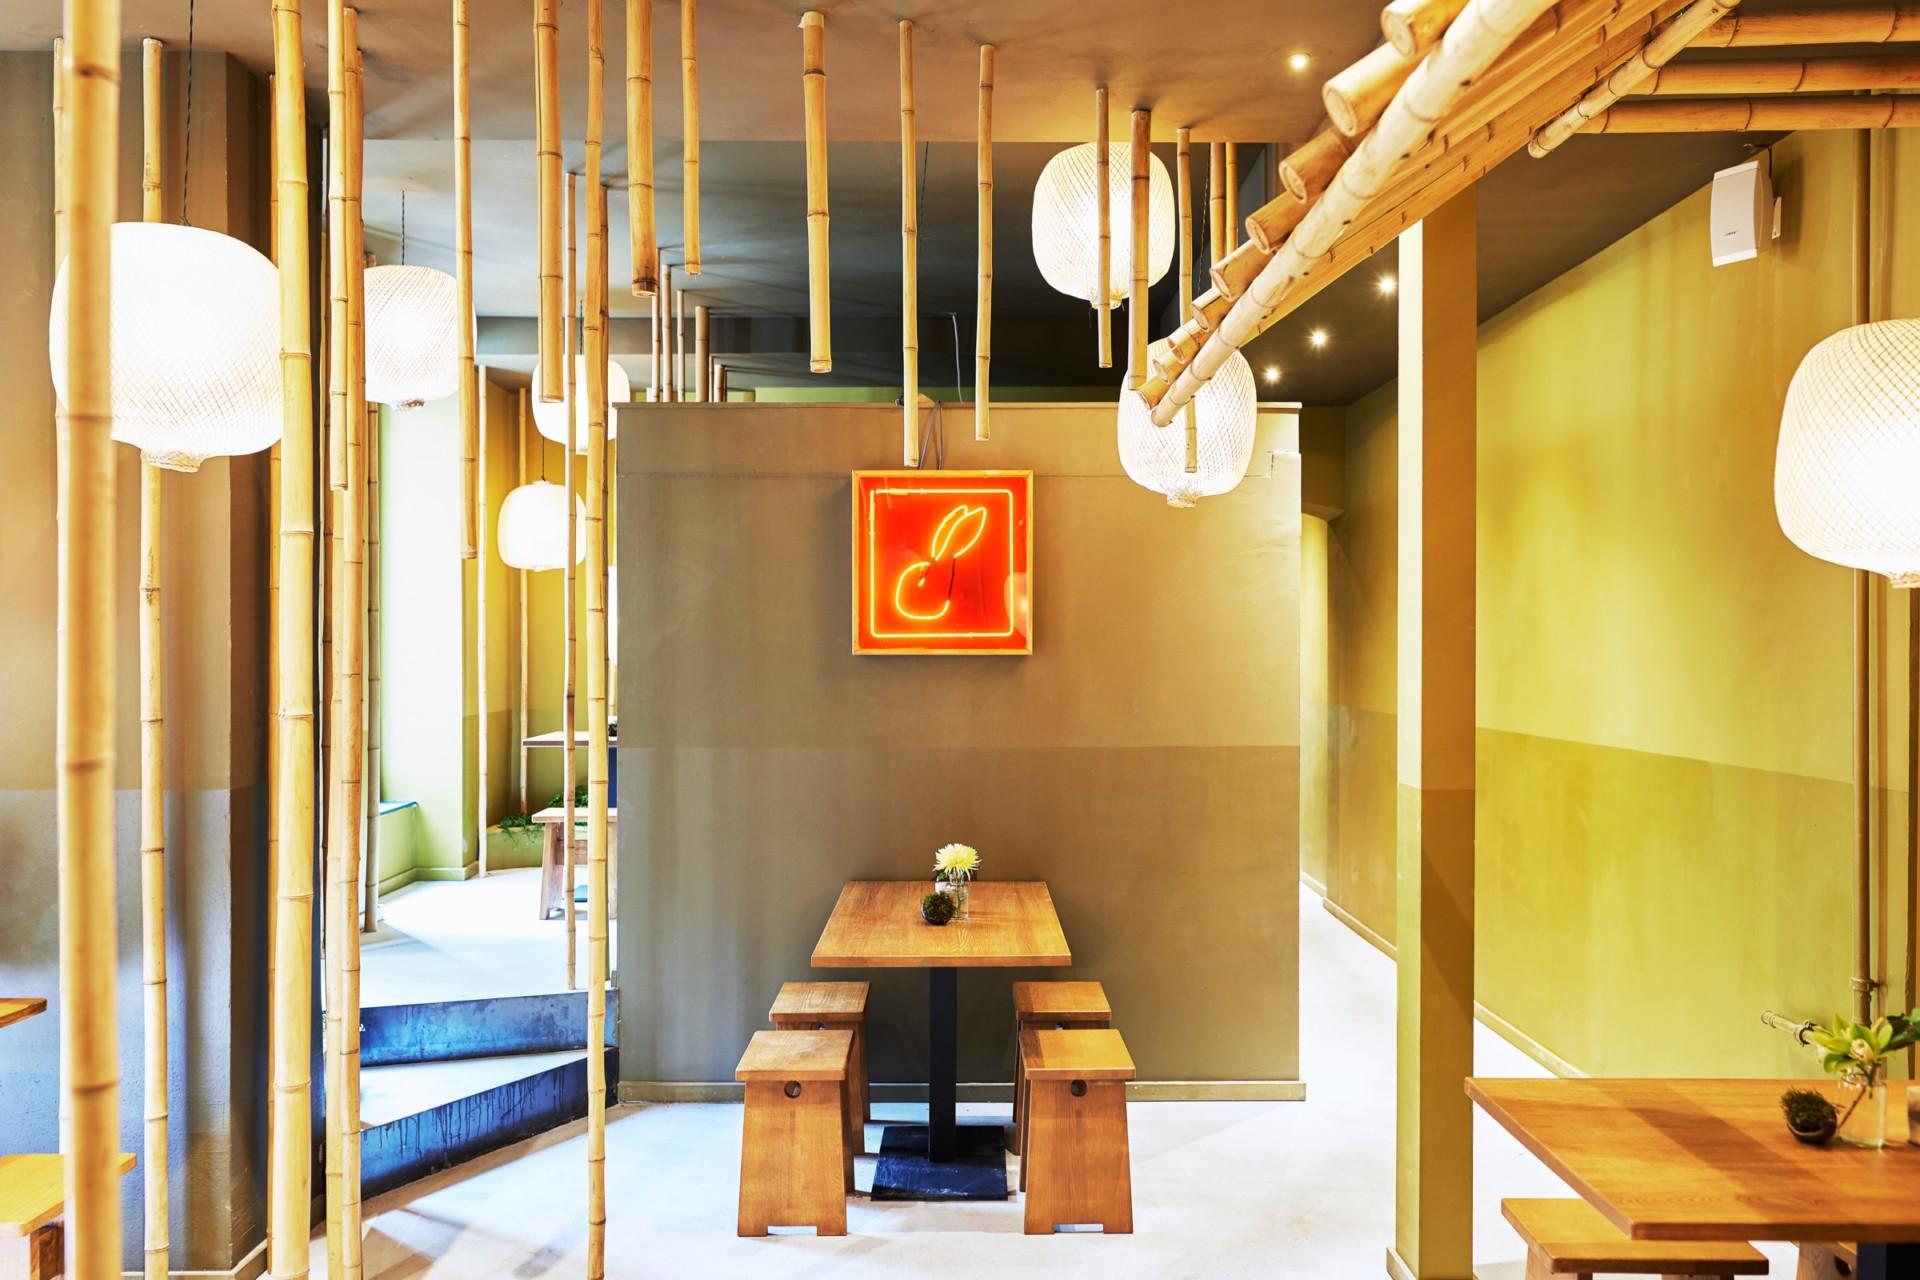 Interieurfotografie und Ausstellungsansichten aus Berlin Restaurant Con Tho Berlin